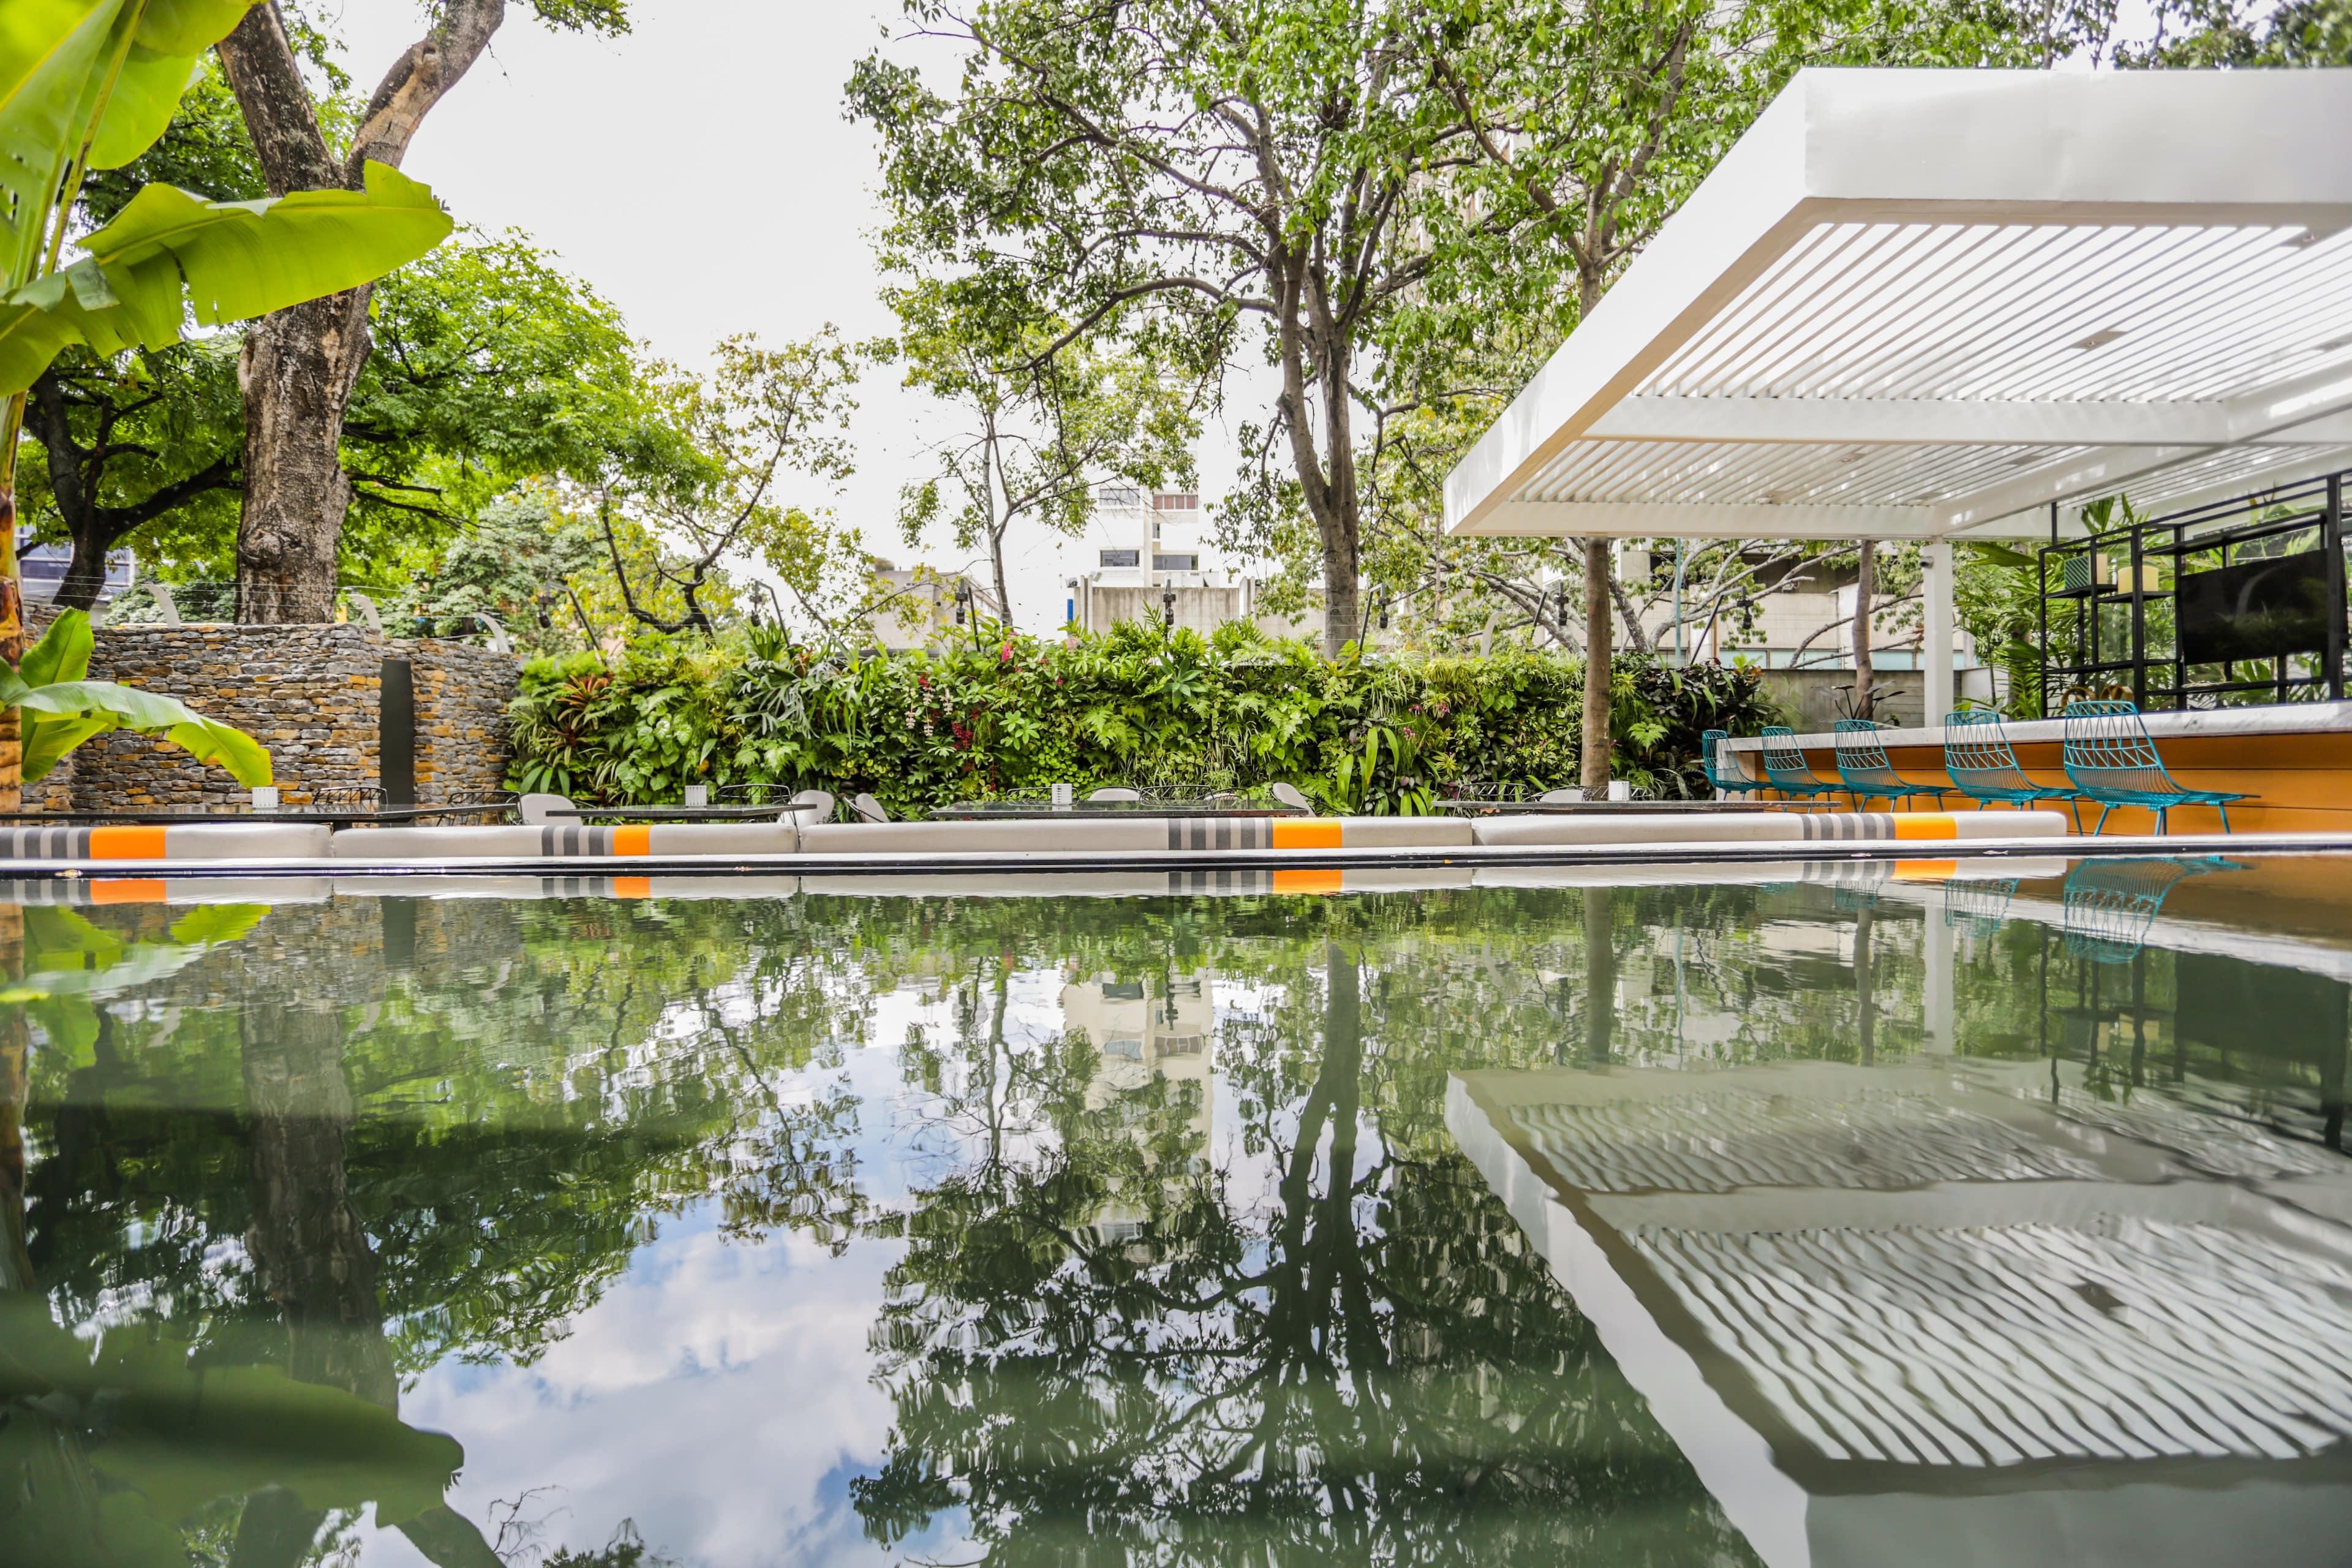 La Esquina Hotel VIP Altamira, Caracas / Foto: sigridjelambi.com